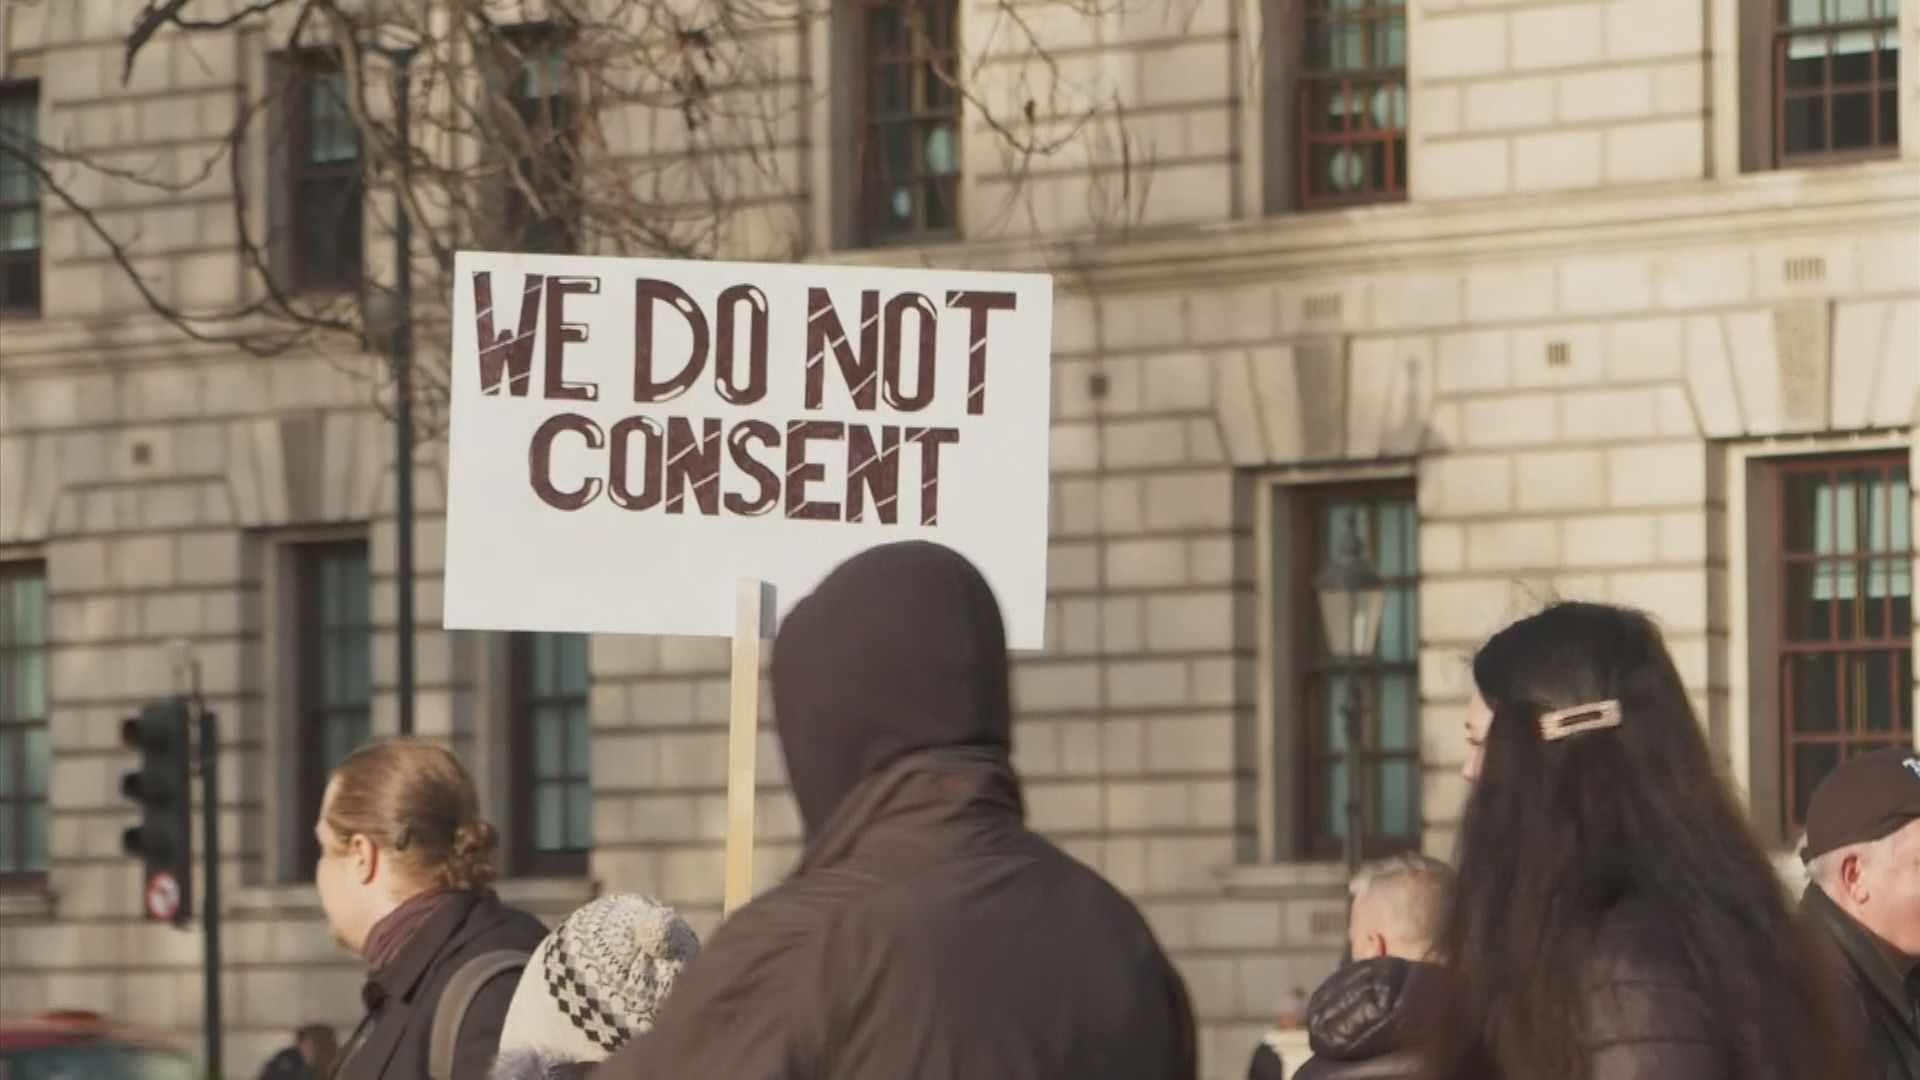 英國有遊行抗議收緊防疫限制措施